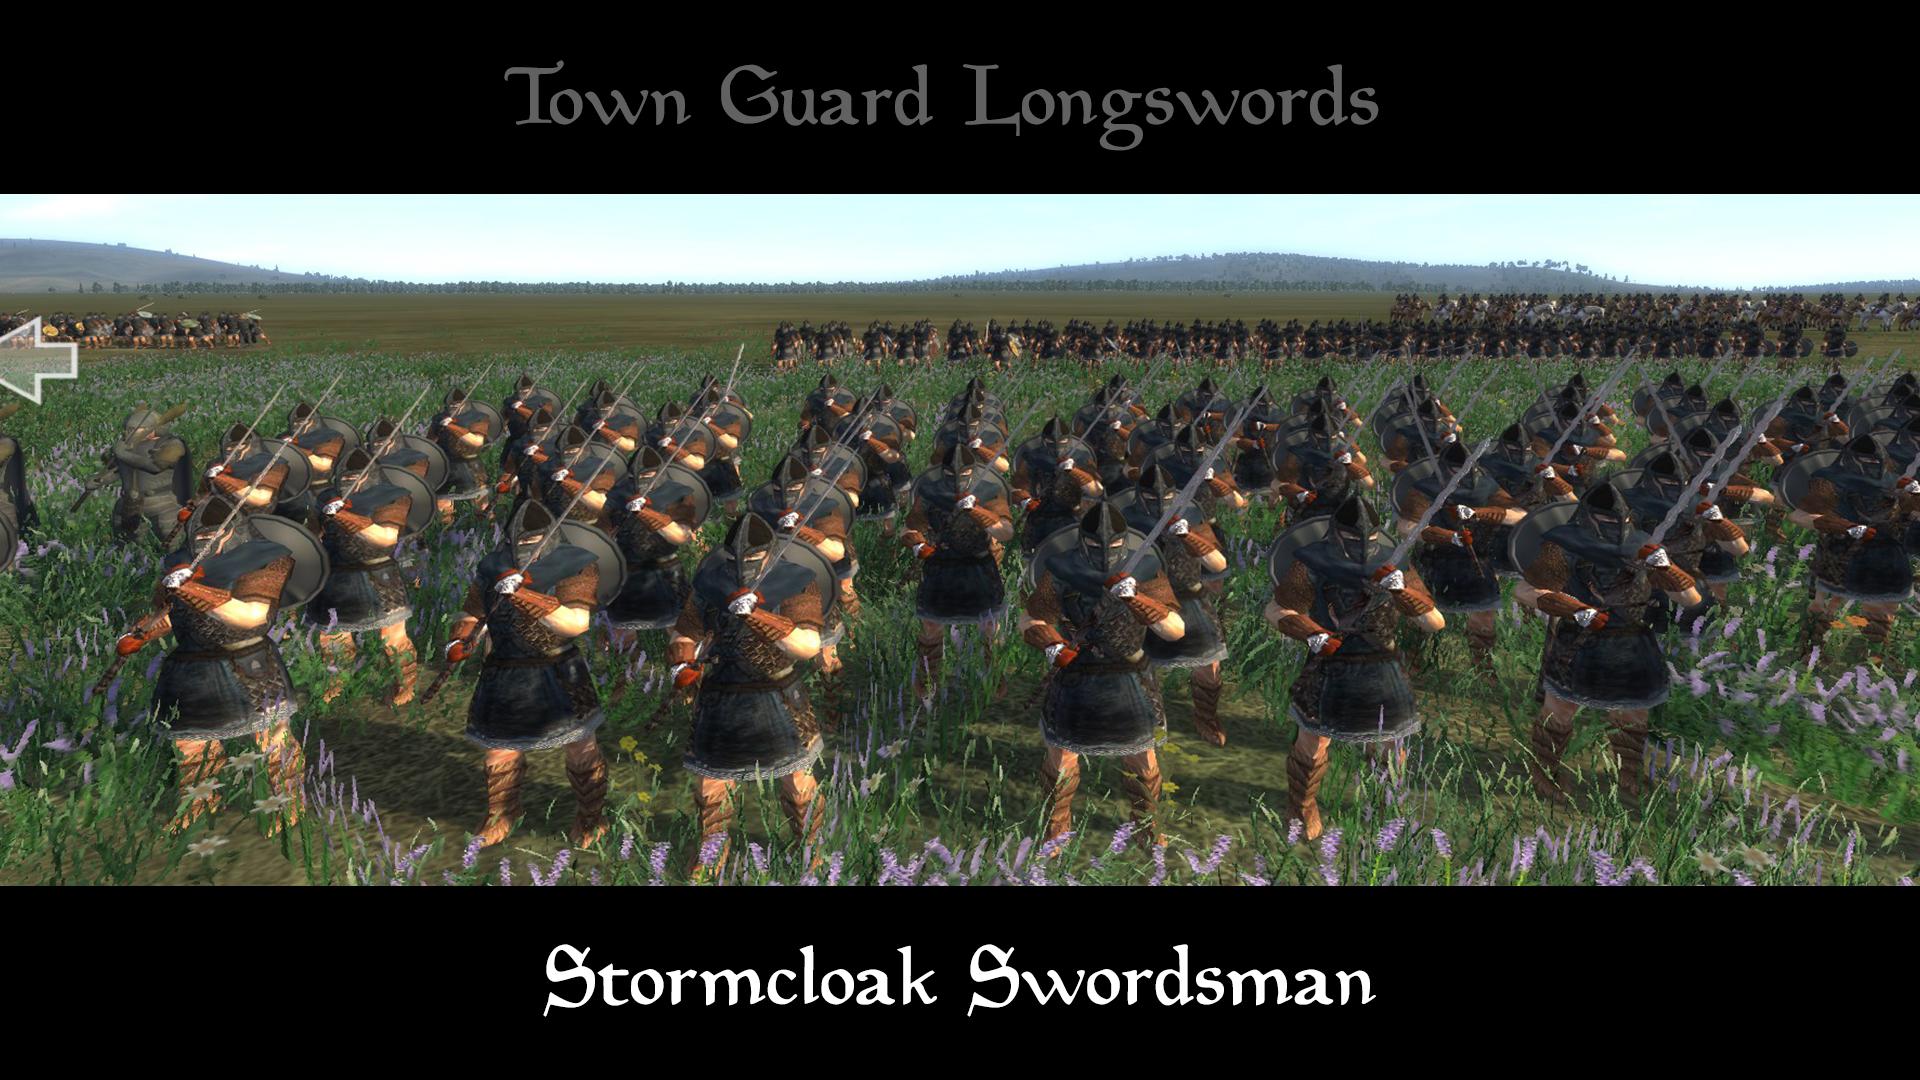 stormcloak swordsman